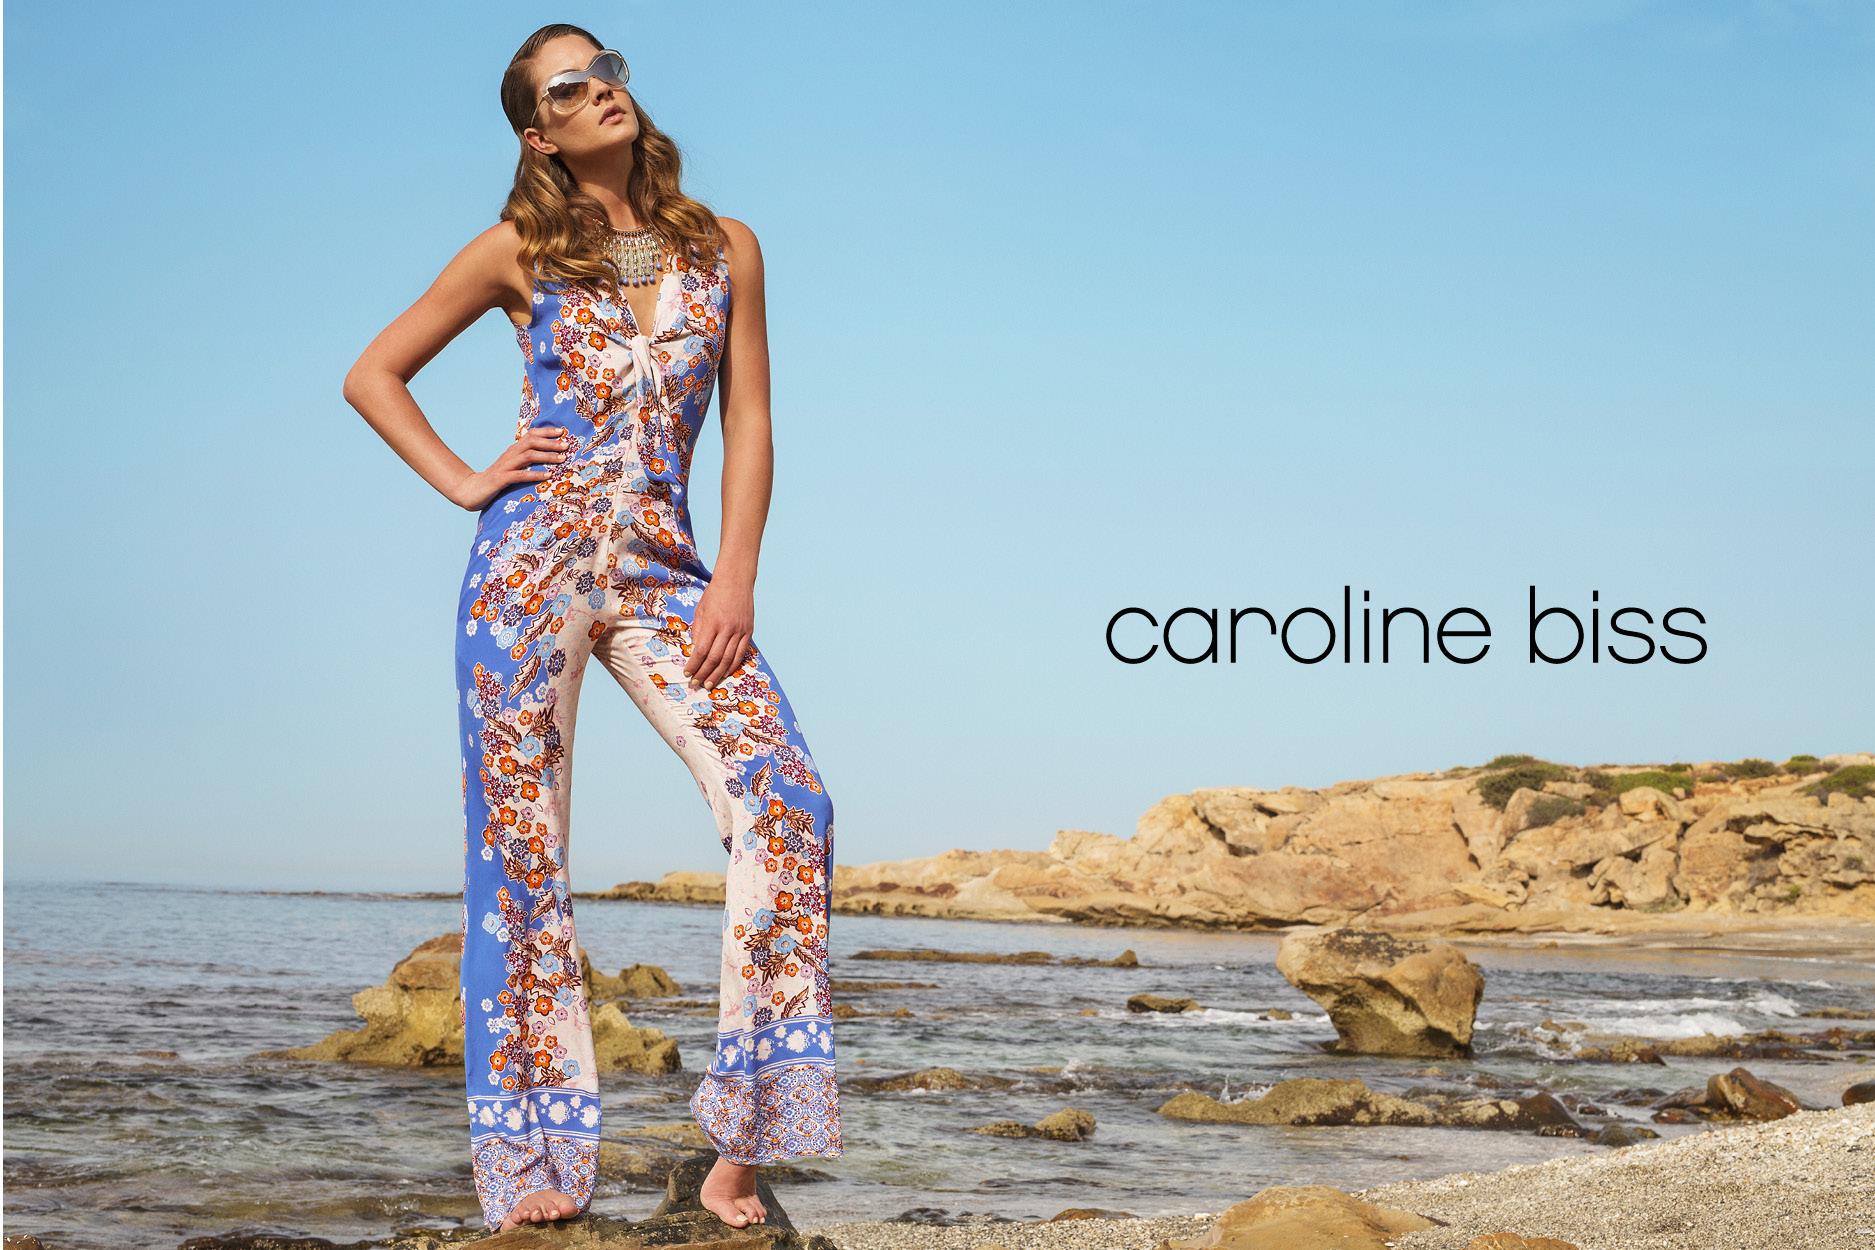 caroline_biss_summer_imageboulevard3